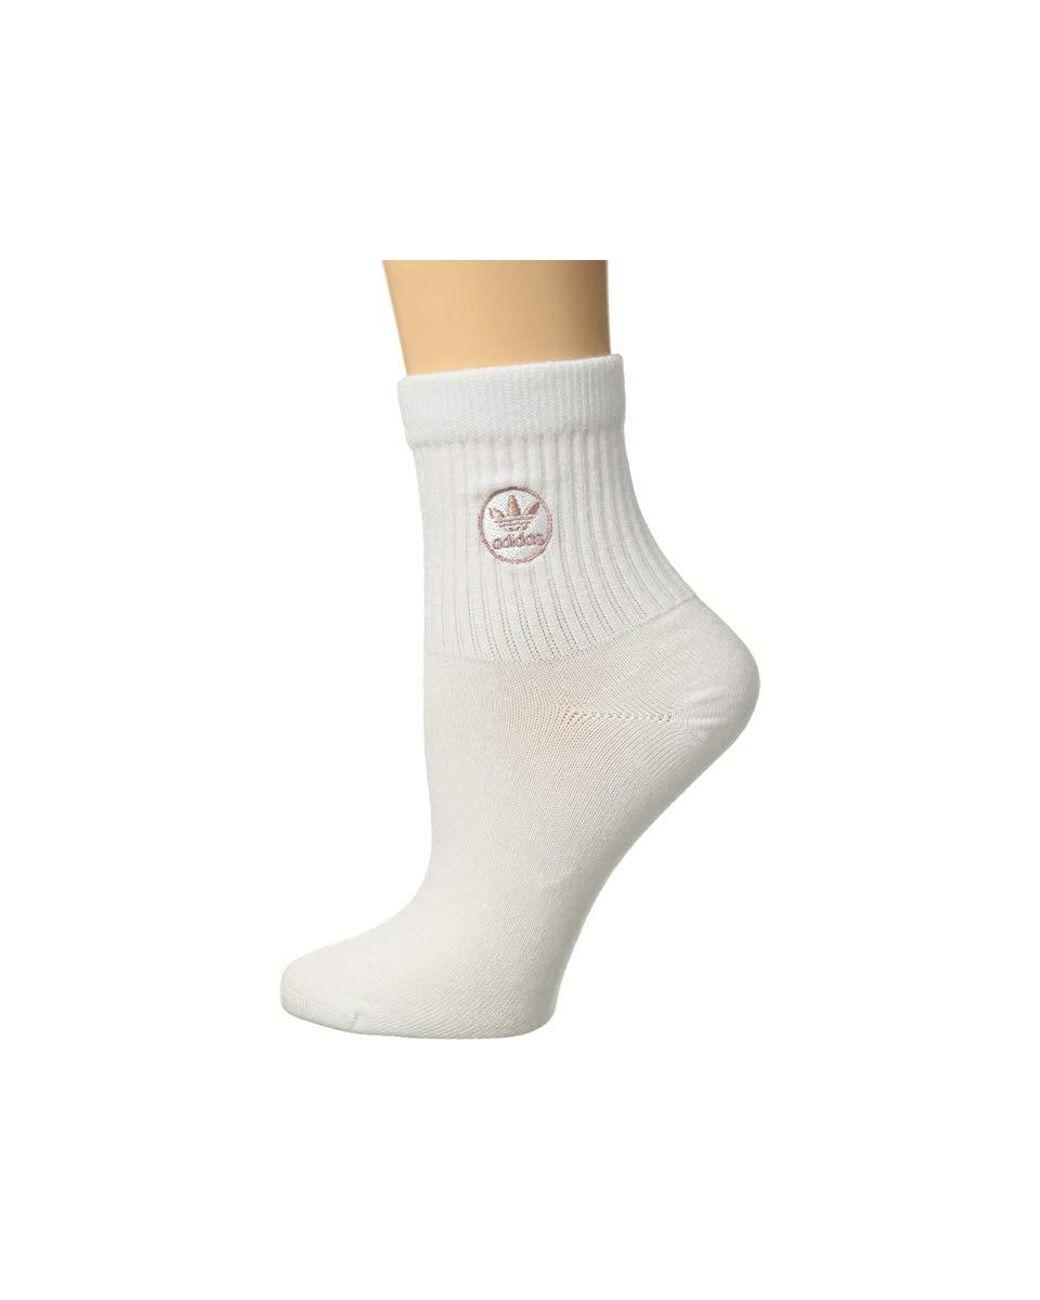 2790380e349f7 adidas Originals Originals Iconic Patch Single Quarter Sock (white ...